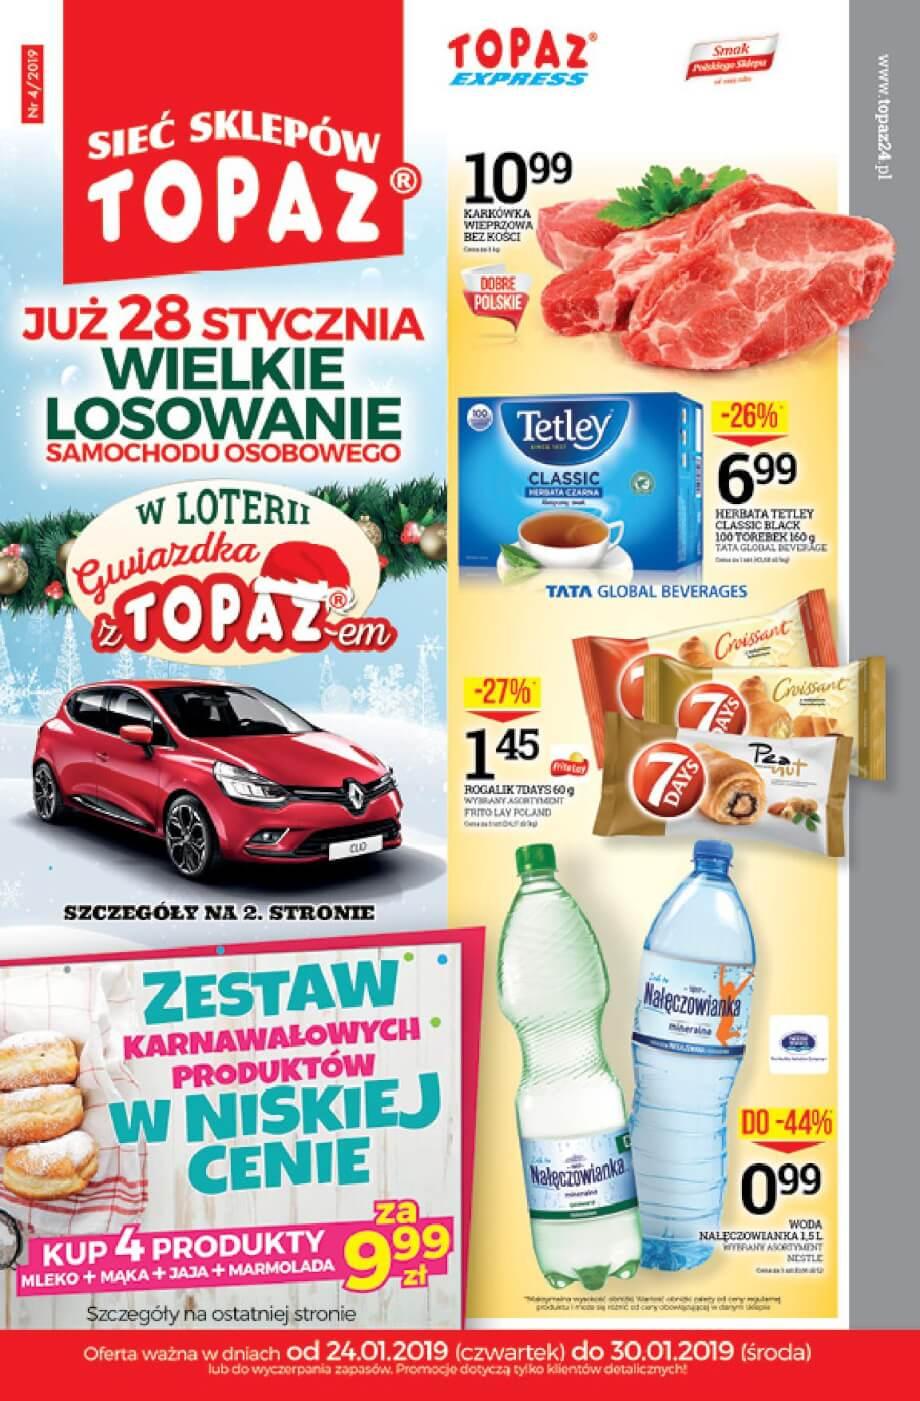 Topaz, gazetka do 30.01.2019